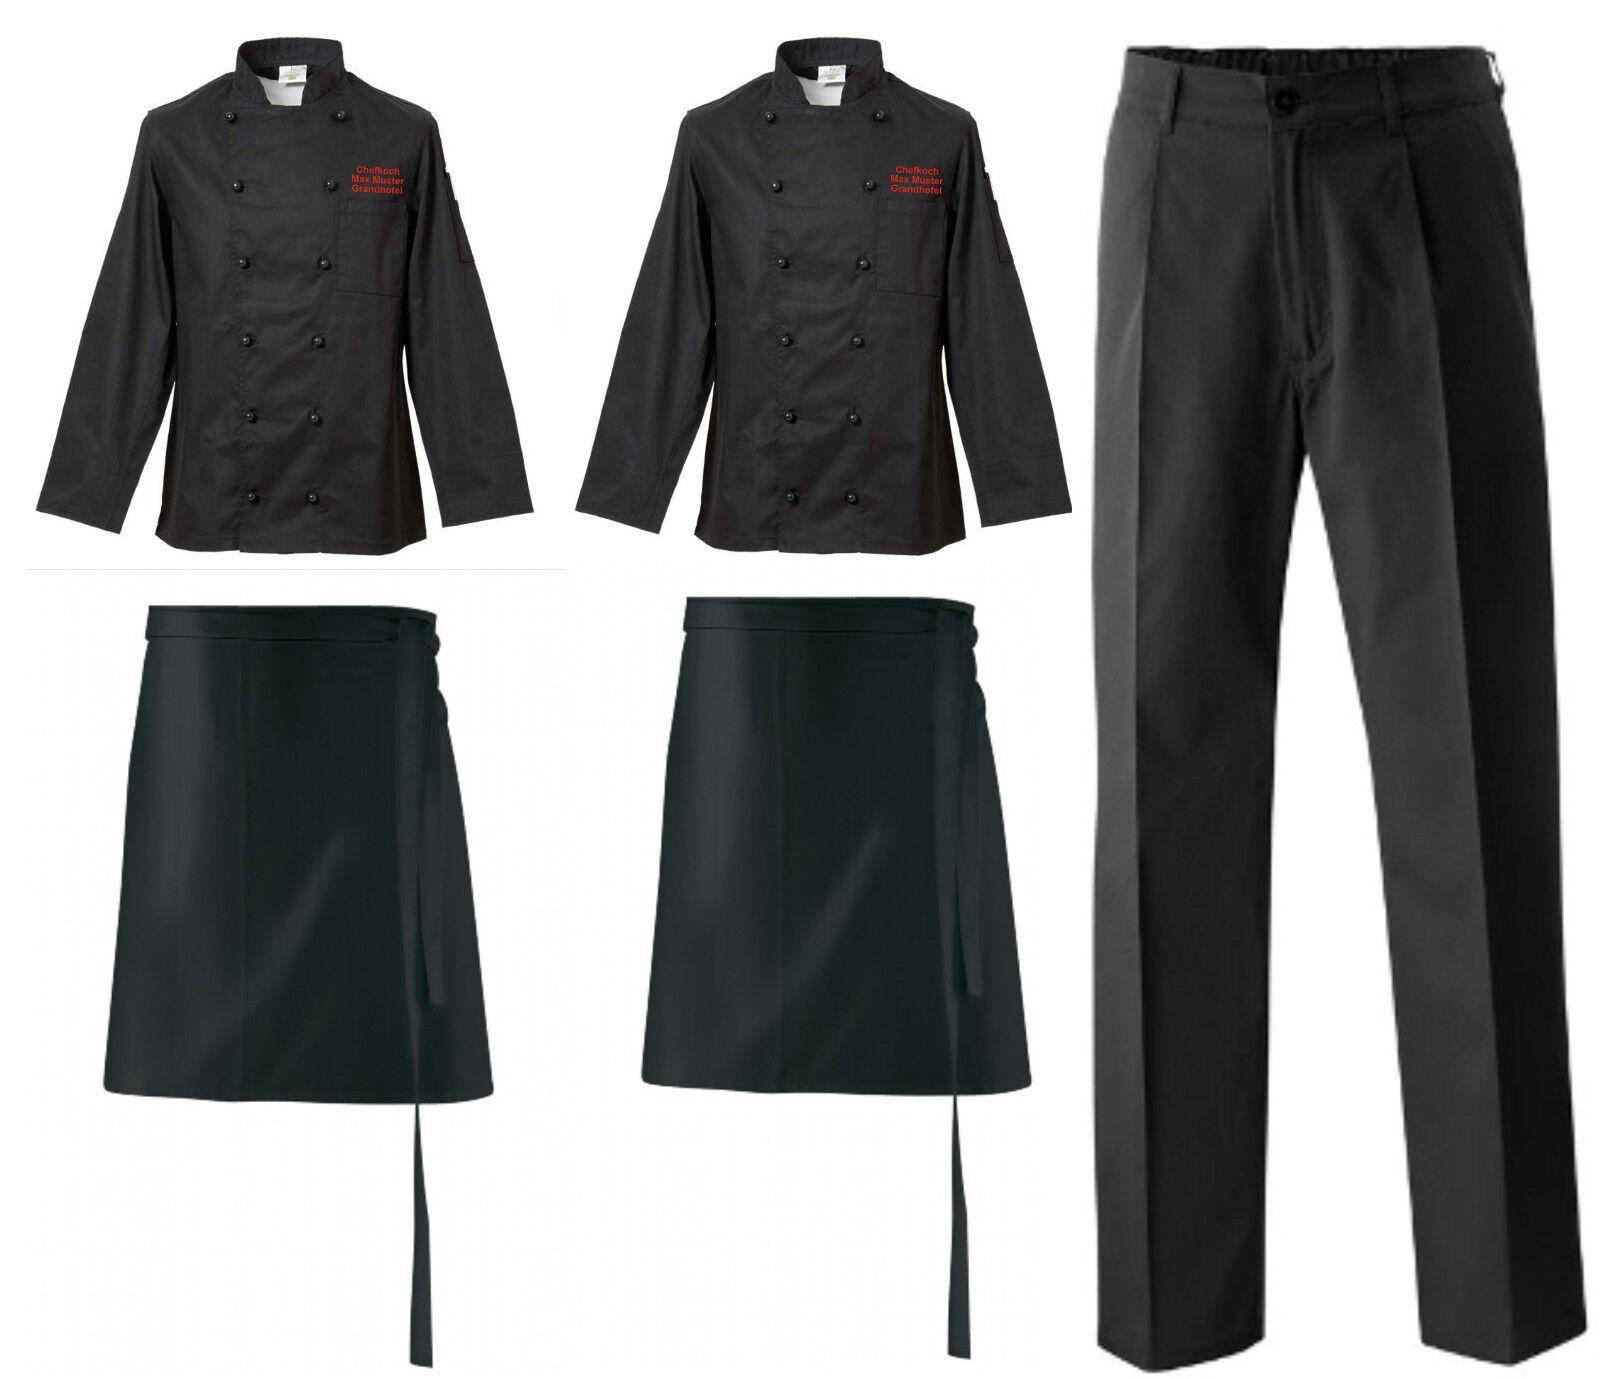 2 chaquetas Koch 2 vorbinder 1 Koch pantalones negros + + + botones bordadas con nombre/texto 58c5b8